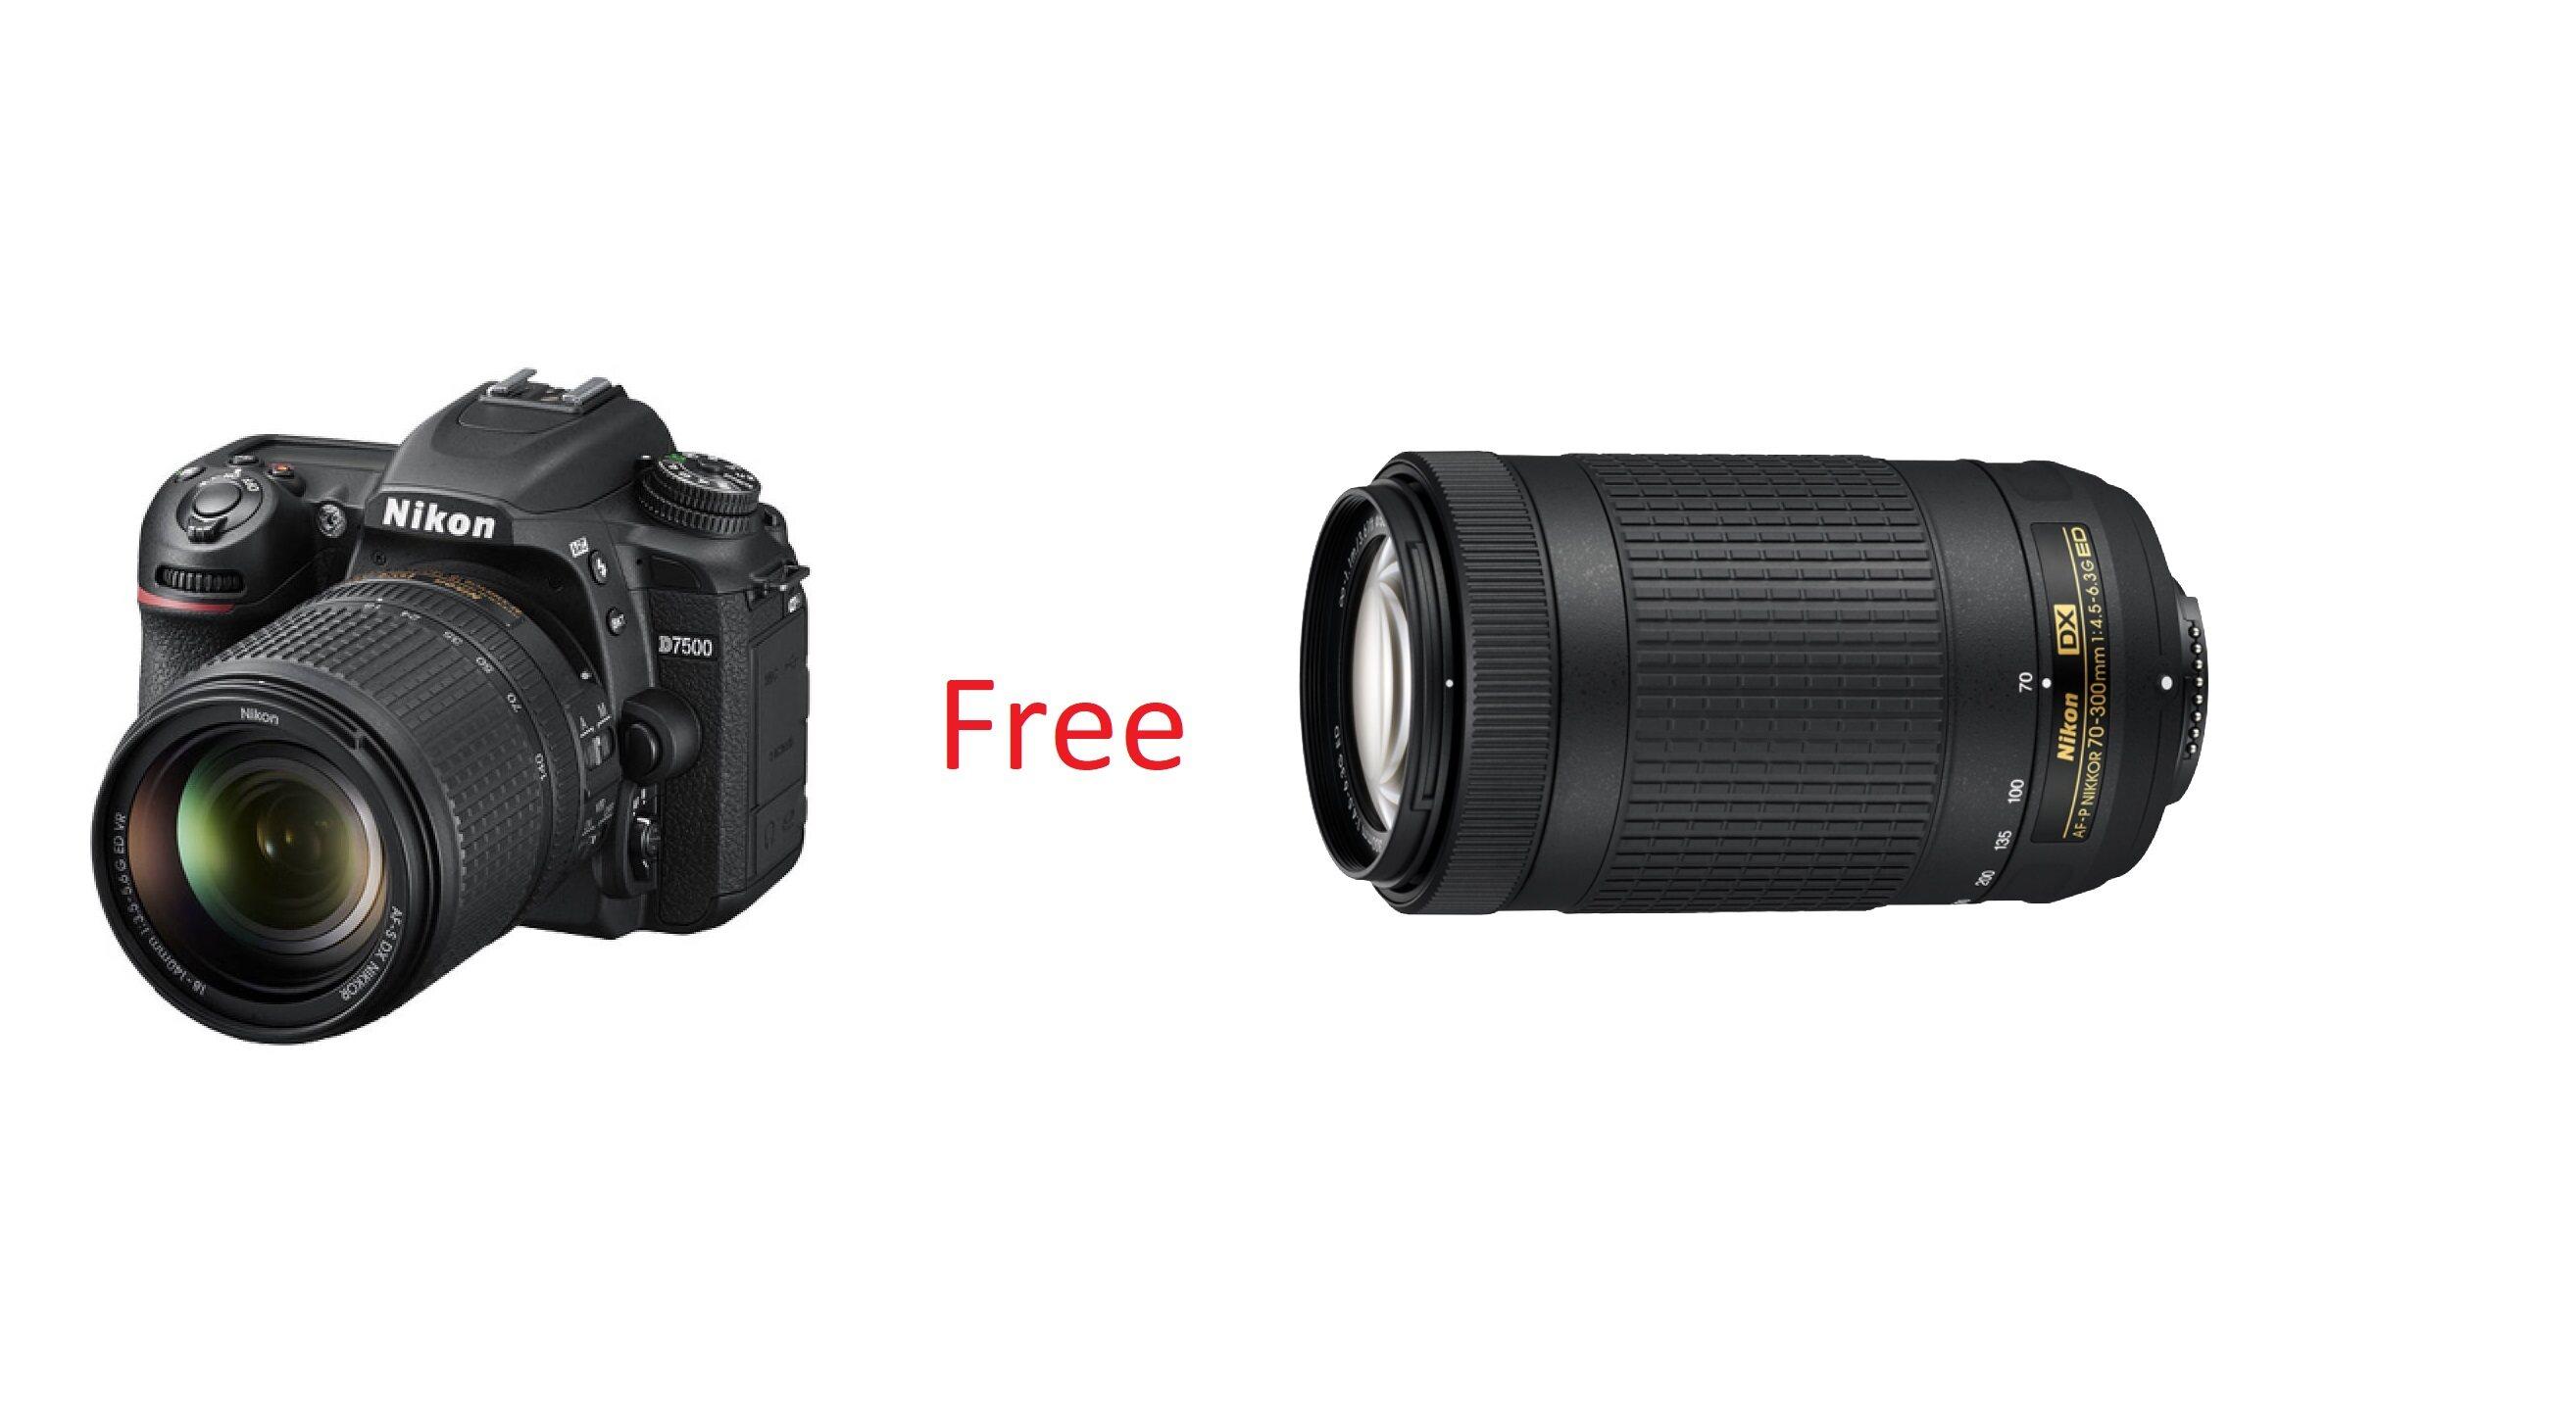 กล้องถ่ายรูป /กล้อง Nikon D7500 Sg Afp18-55 Kit + Af-S 70-300mm (exclusive Online Lazada) : Digital Slr Camera (ประกันศูนย์นิคอน 1 ปี)/dslr ผ่อน 0% สูงสุด 10 เดือน ส่งเร็ว.